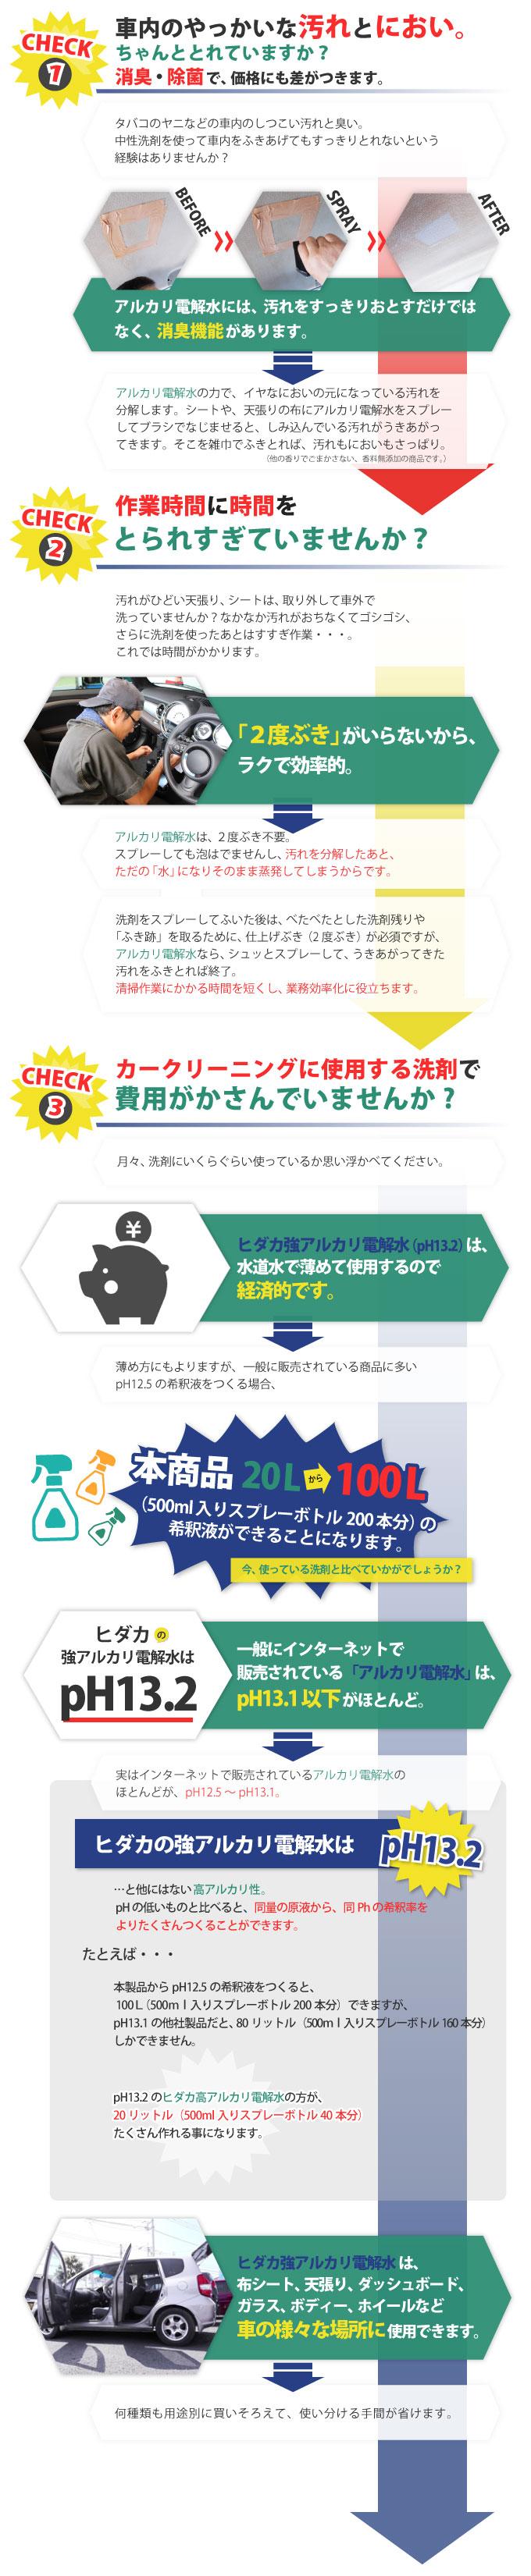 ヒダカ 強アルカリ電解水(pH13.2)20L